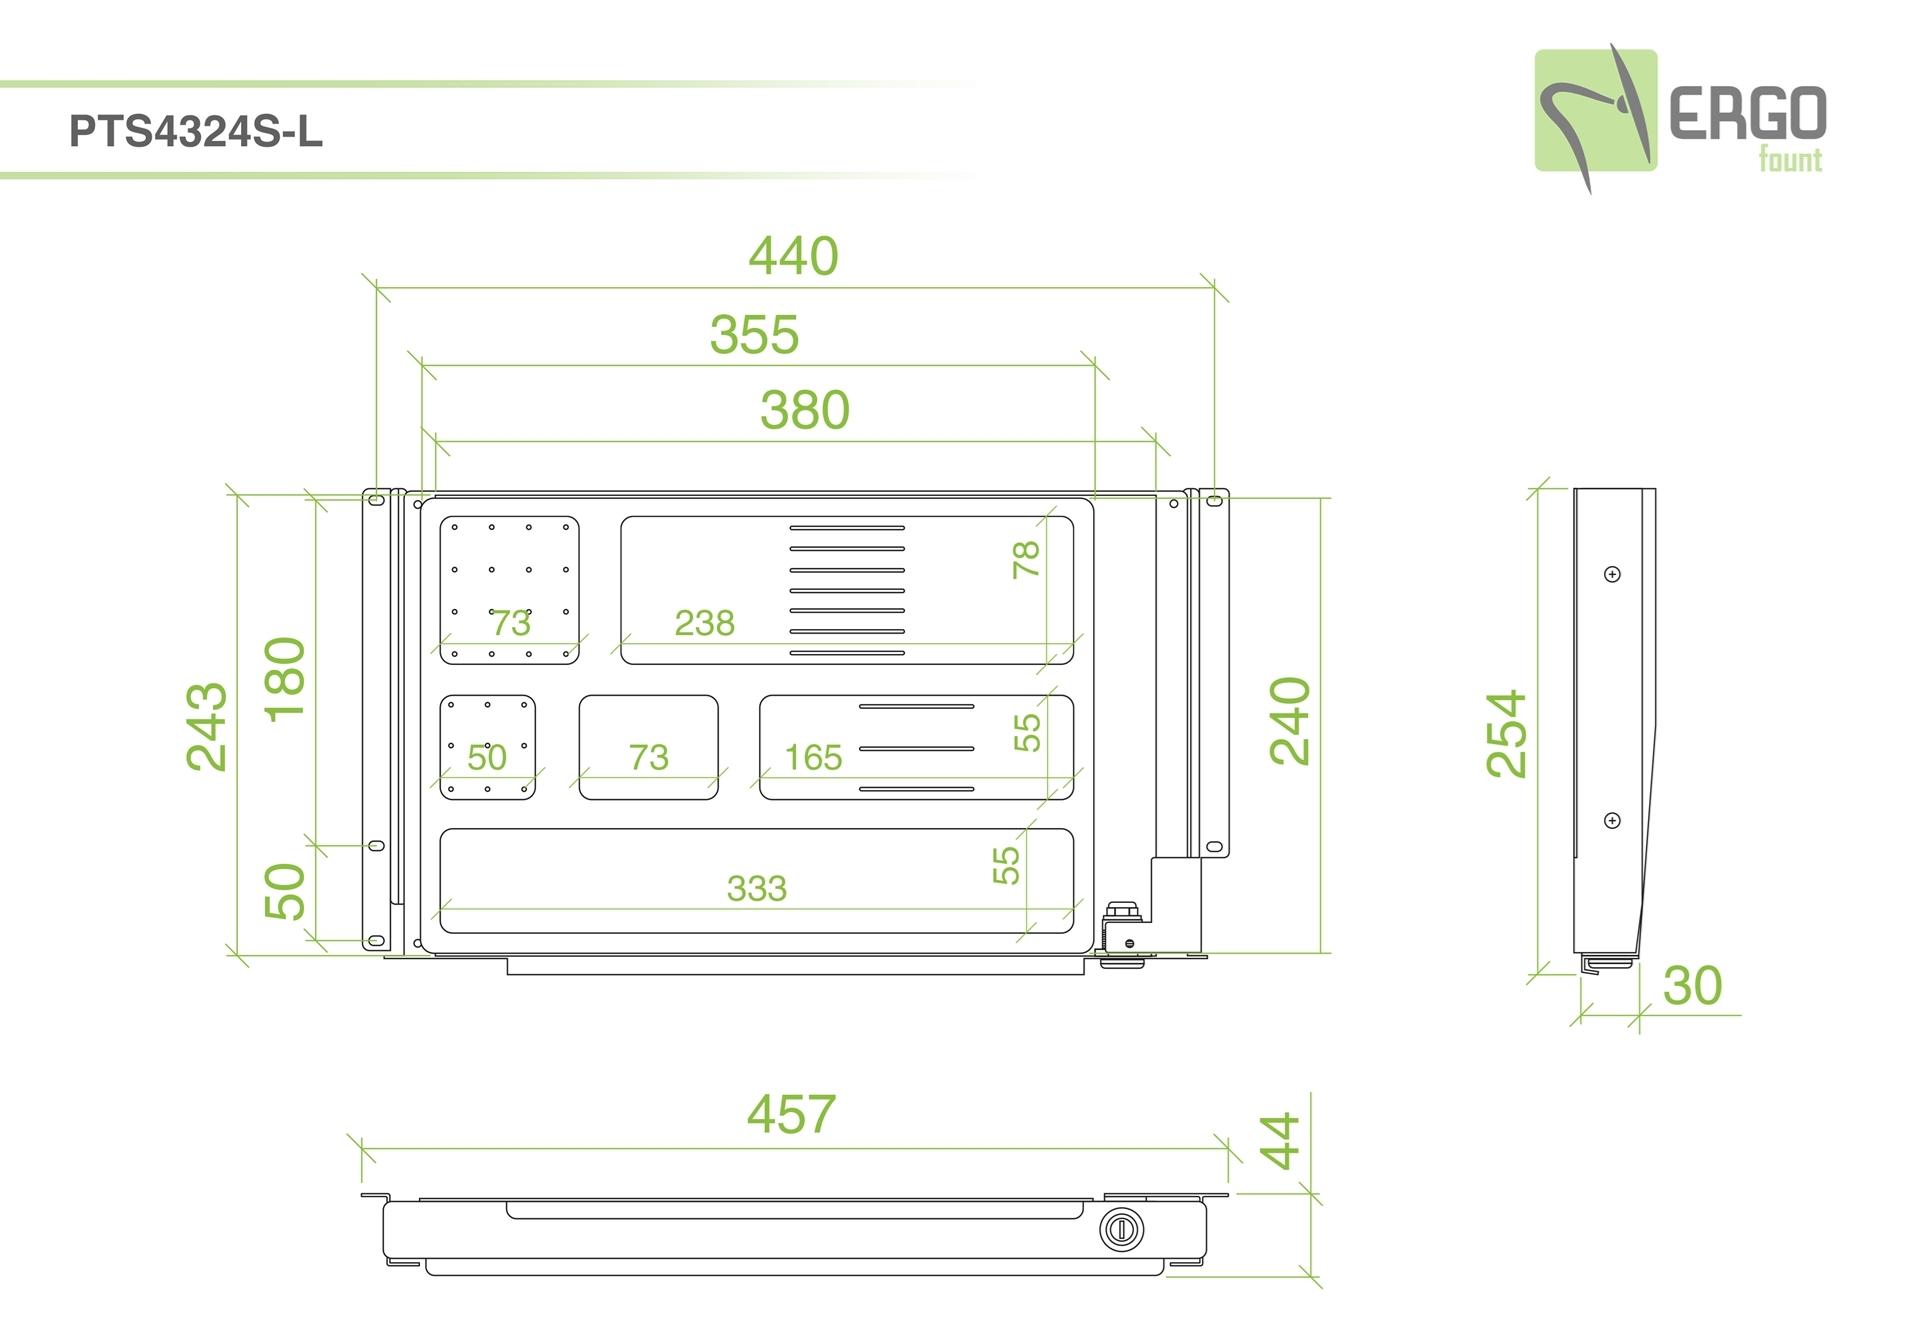 ErgoFount PTS4324S-L - Выдвижной ящик-органайзер с замком для канцелярских принадлежностей под стол, средний, серебристый